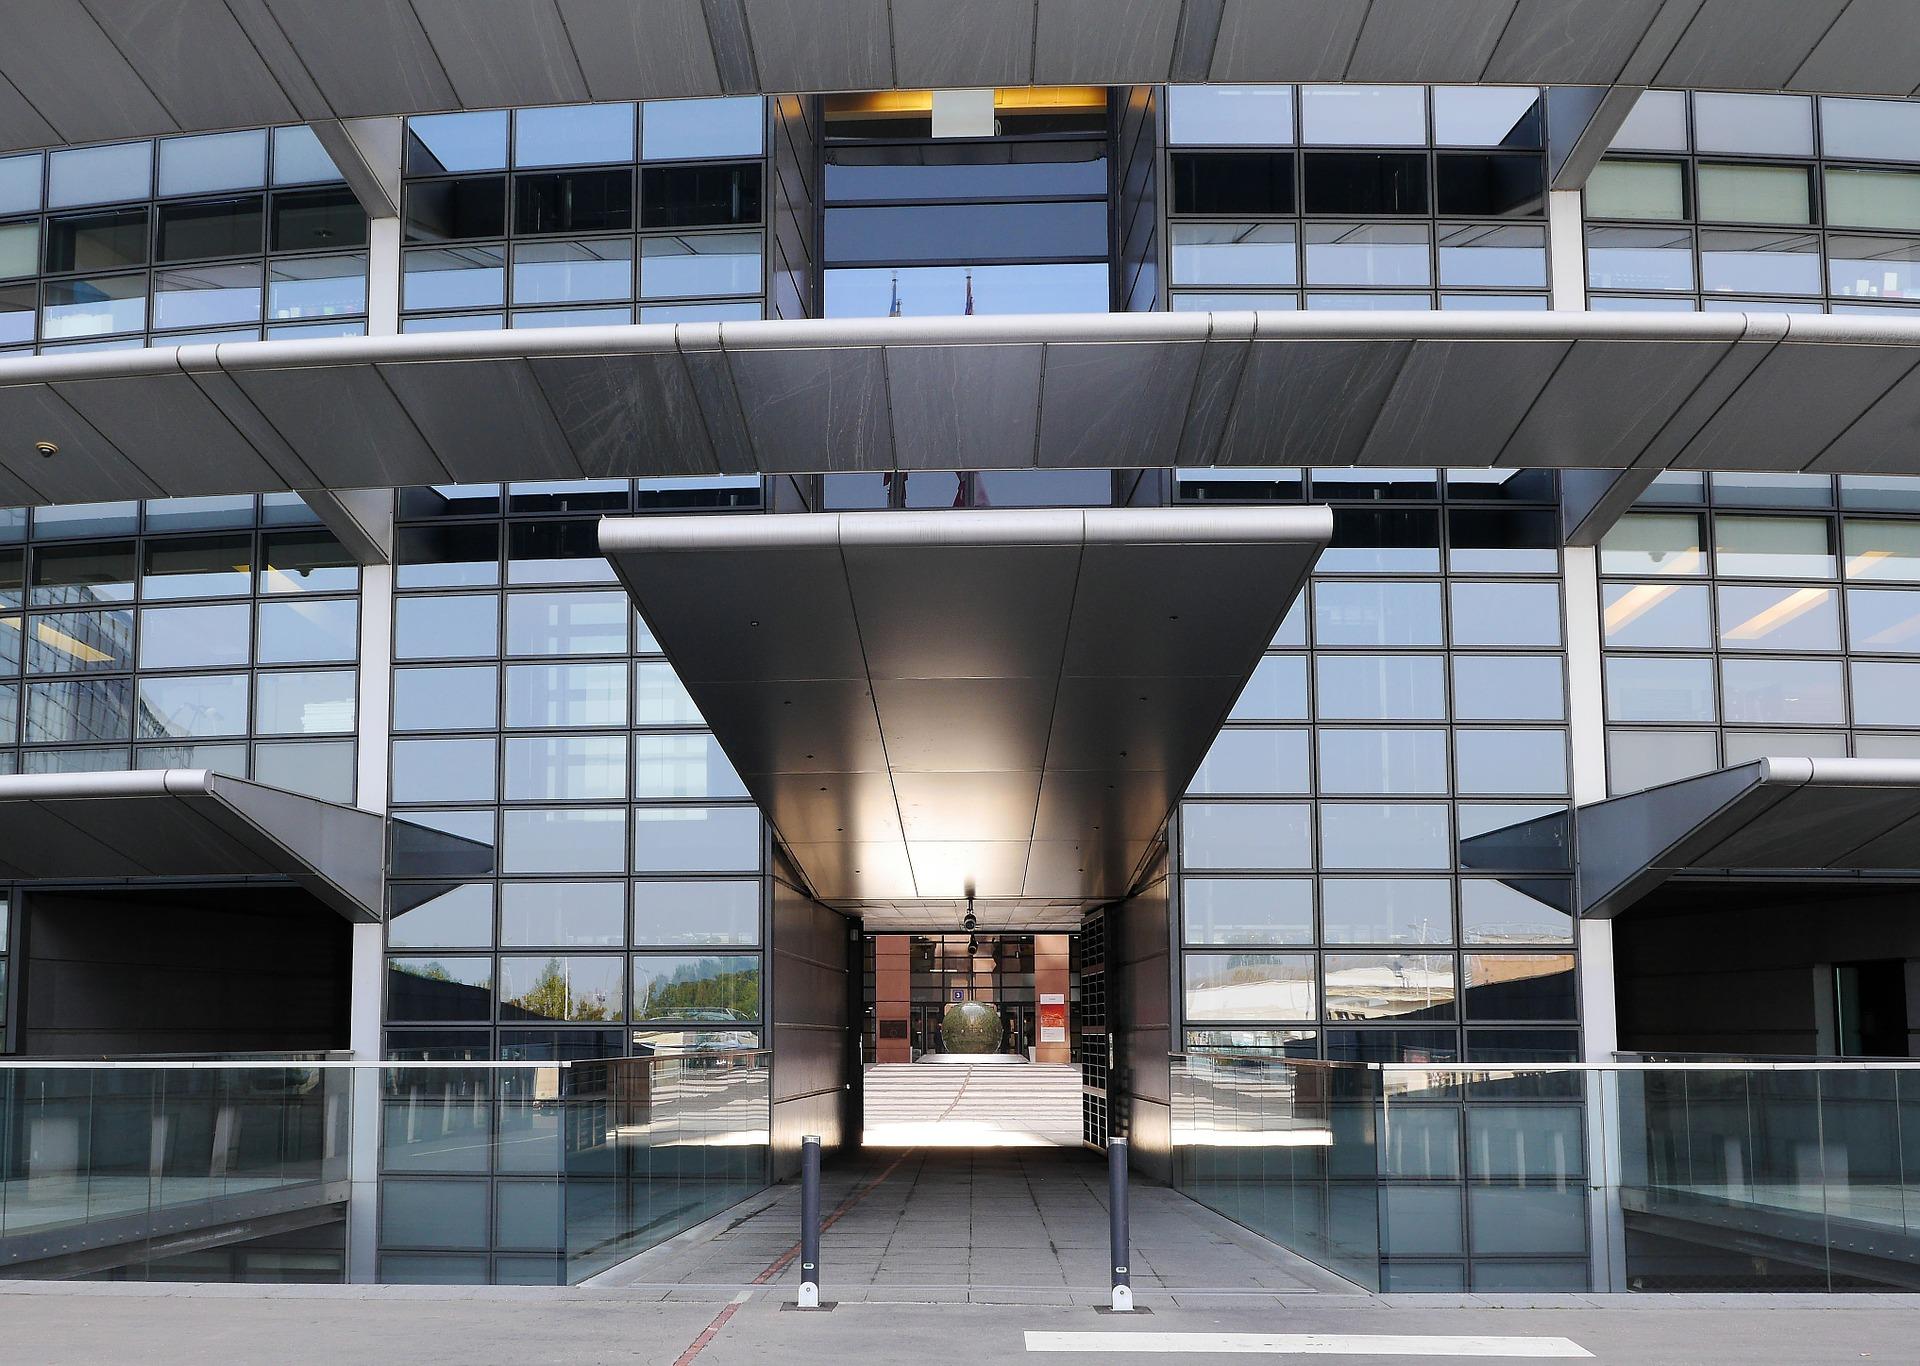 Règles d'urbanisme à vérifier pour des travaux conformes aux attentes de l'administration